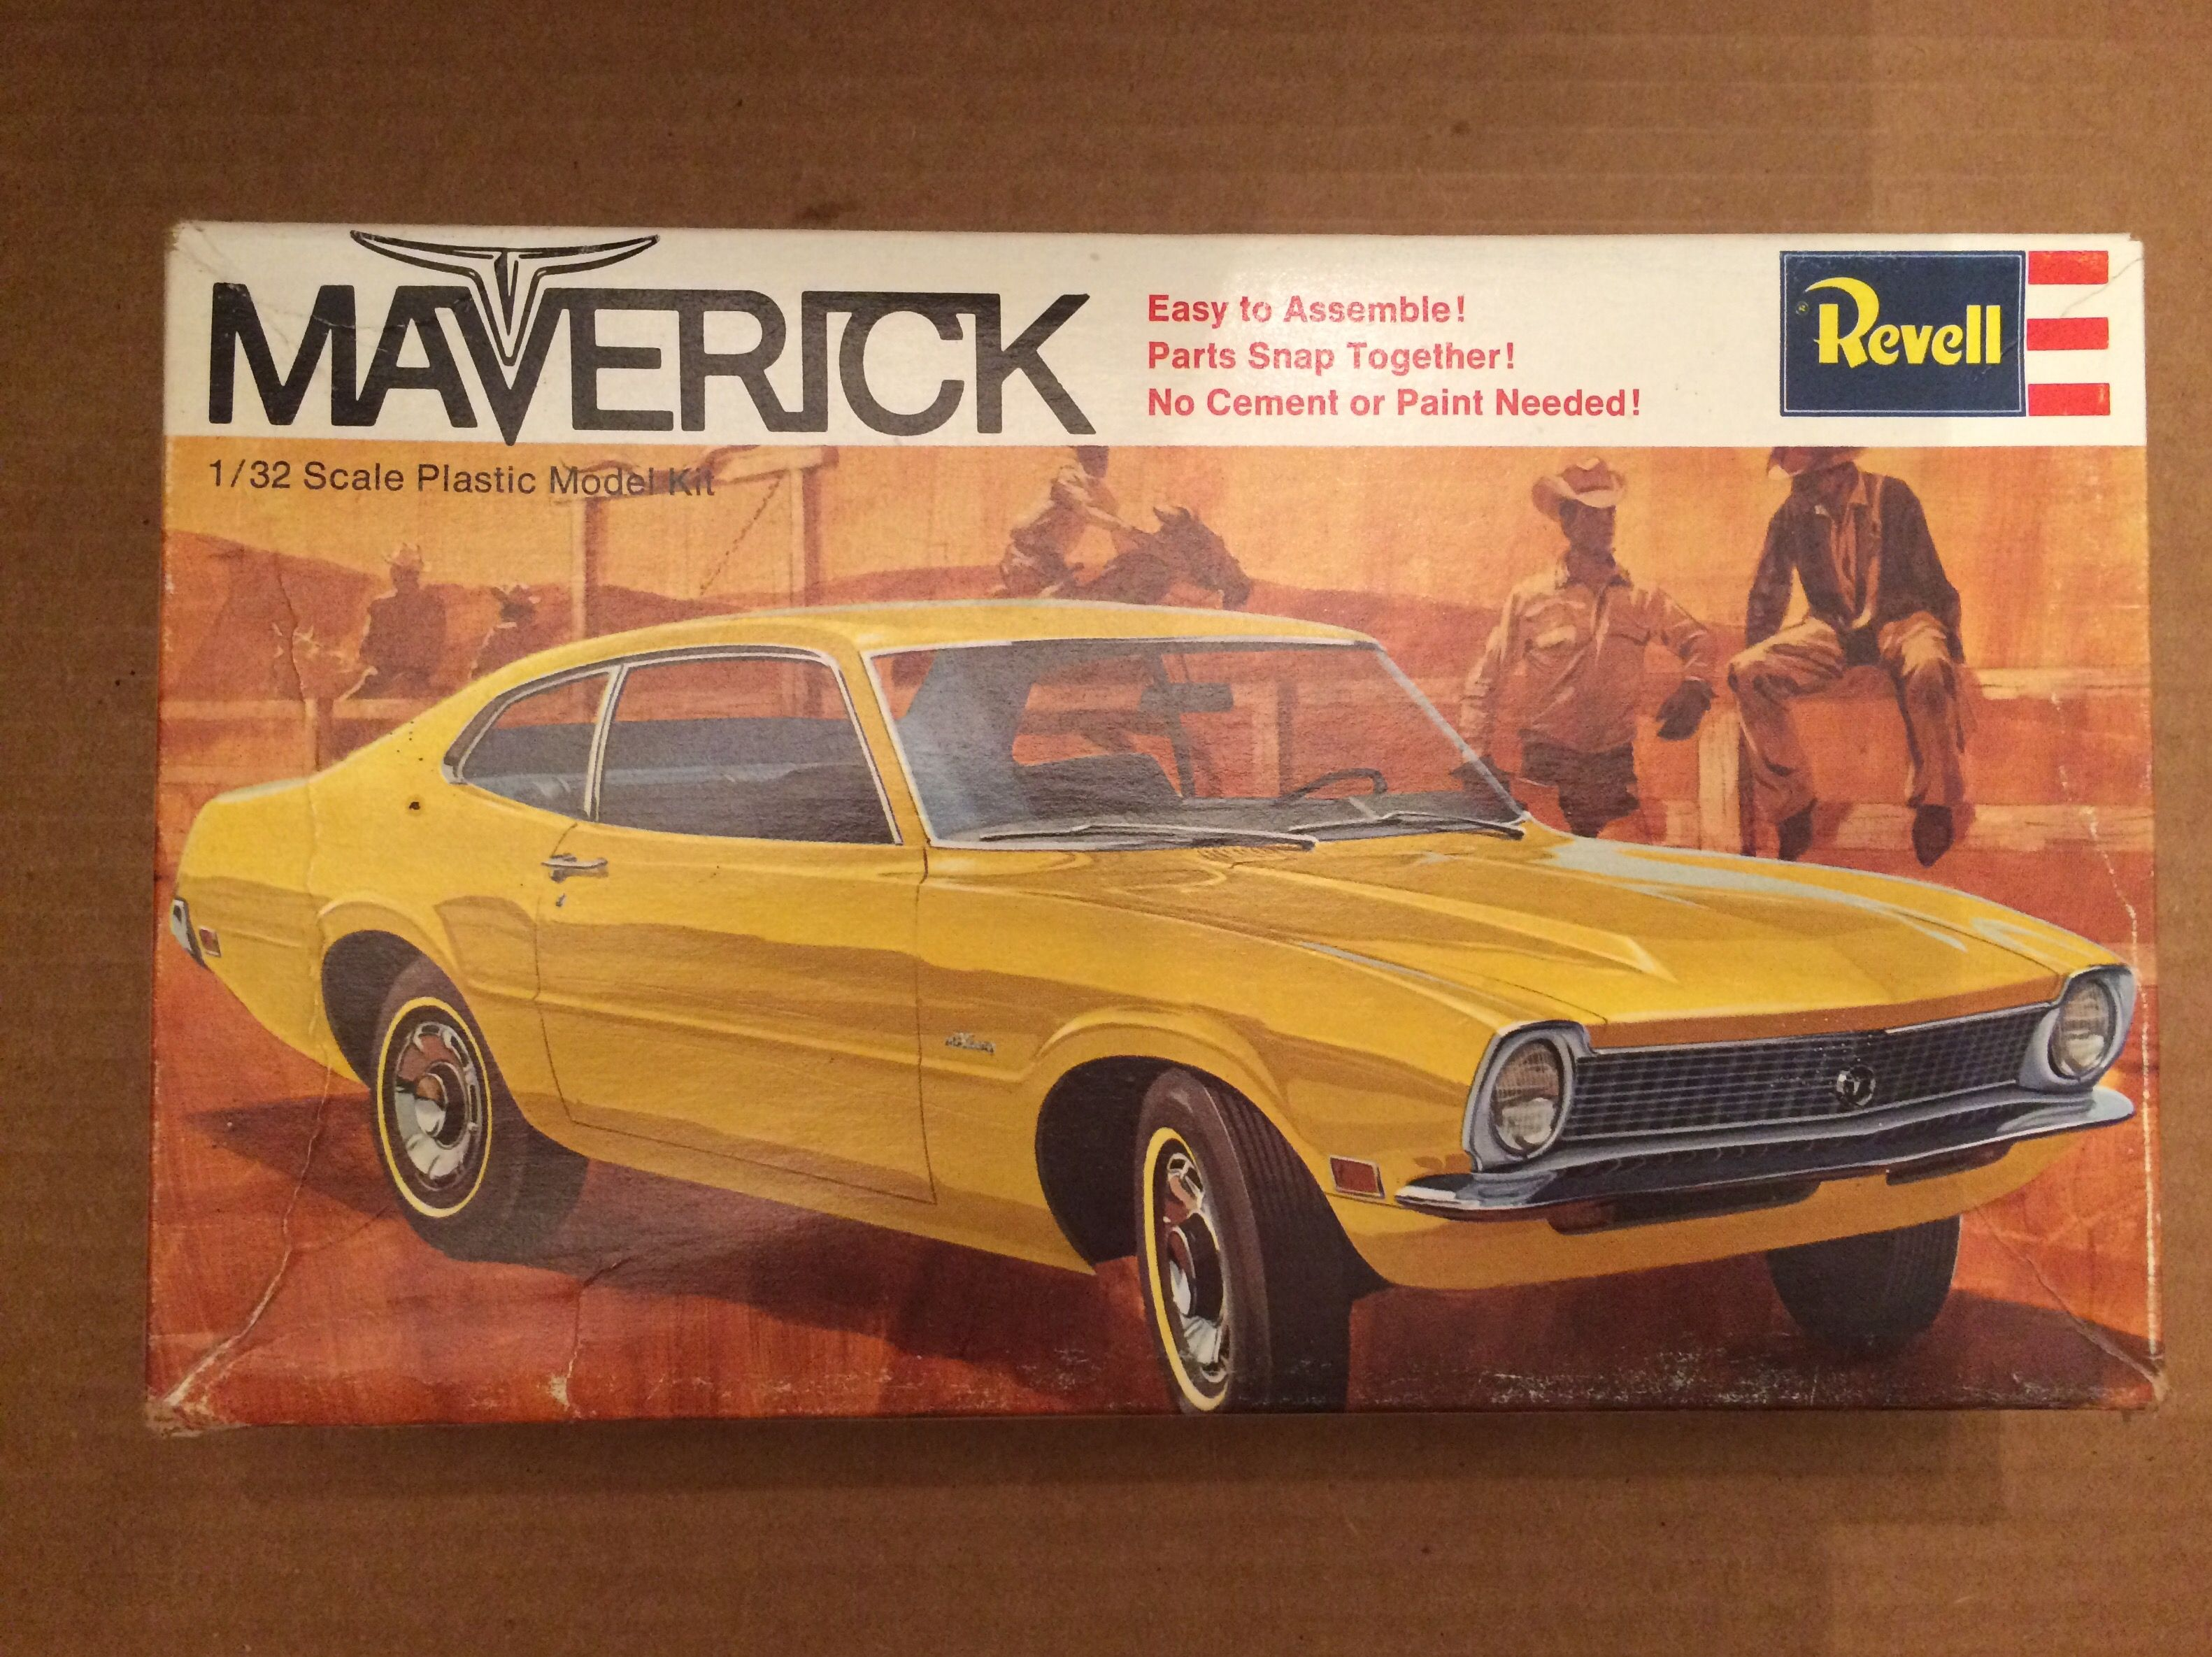 Maverick 1 32 Scale Model Cars Kits Plastic Model Kits Revell Model Cars